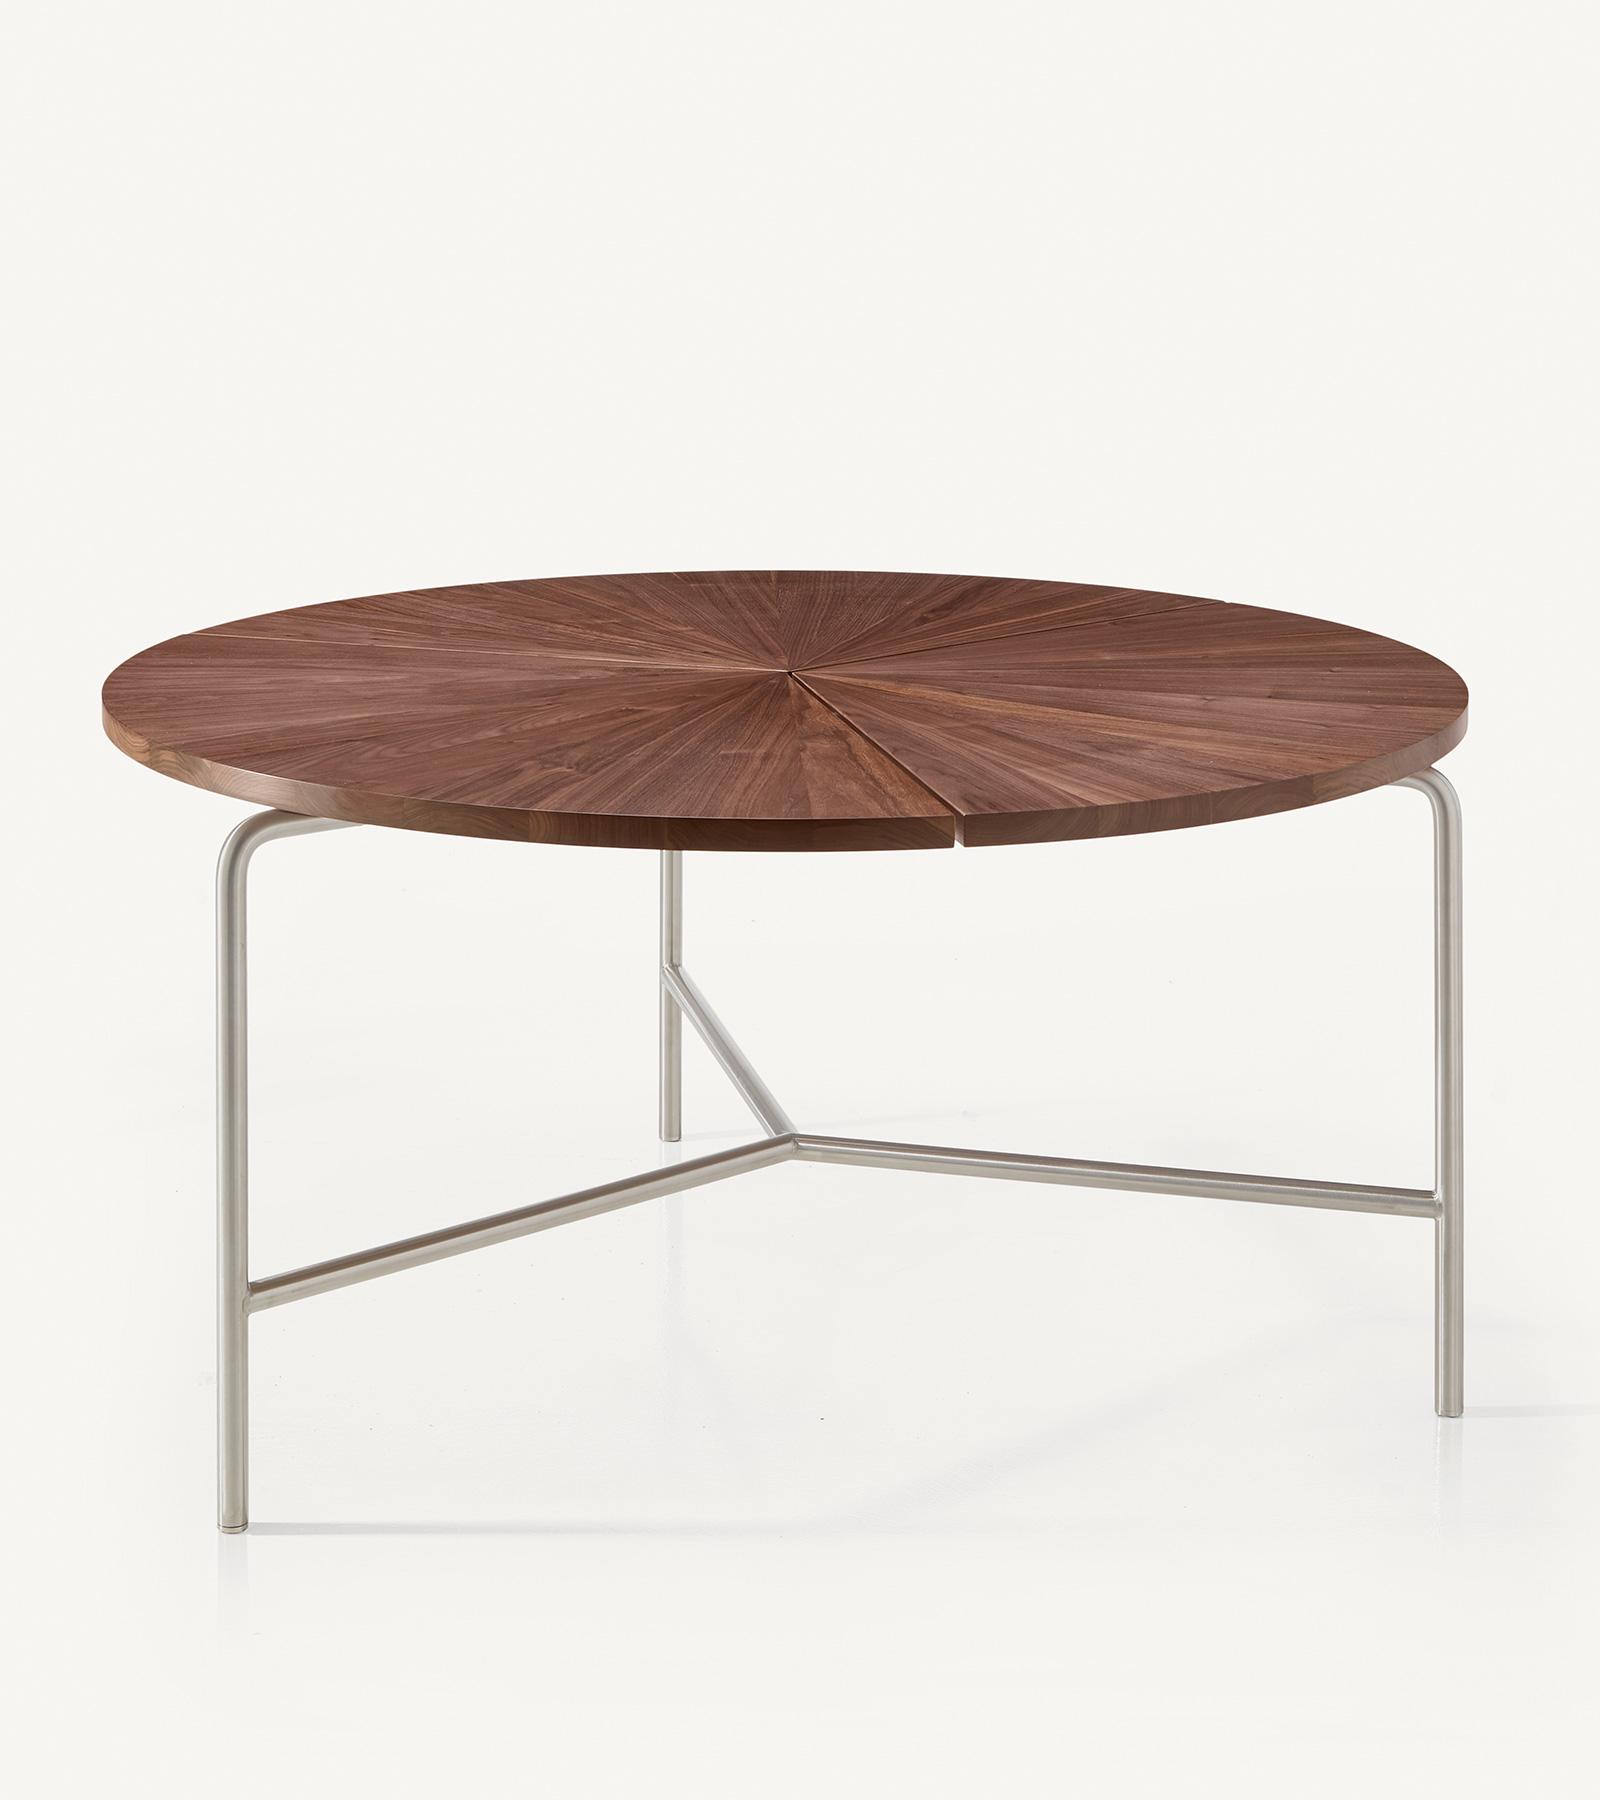 TinnappleMetz-bassamfellows-Circular-Dining-Table-03